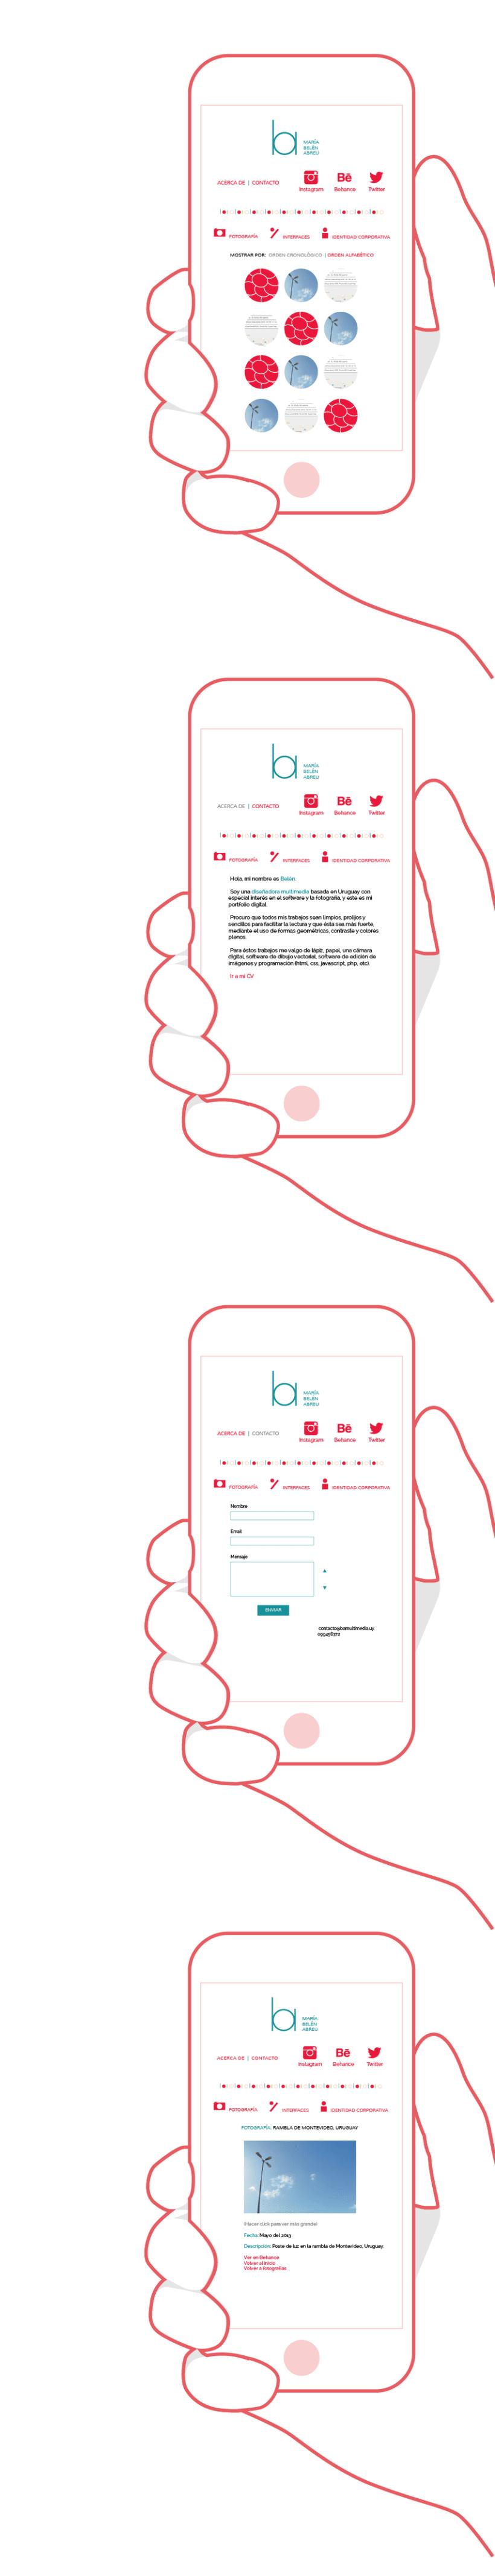 BA - Sitio web (Ampliación y correcciones) 0